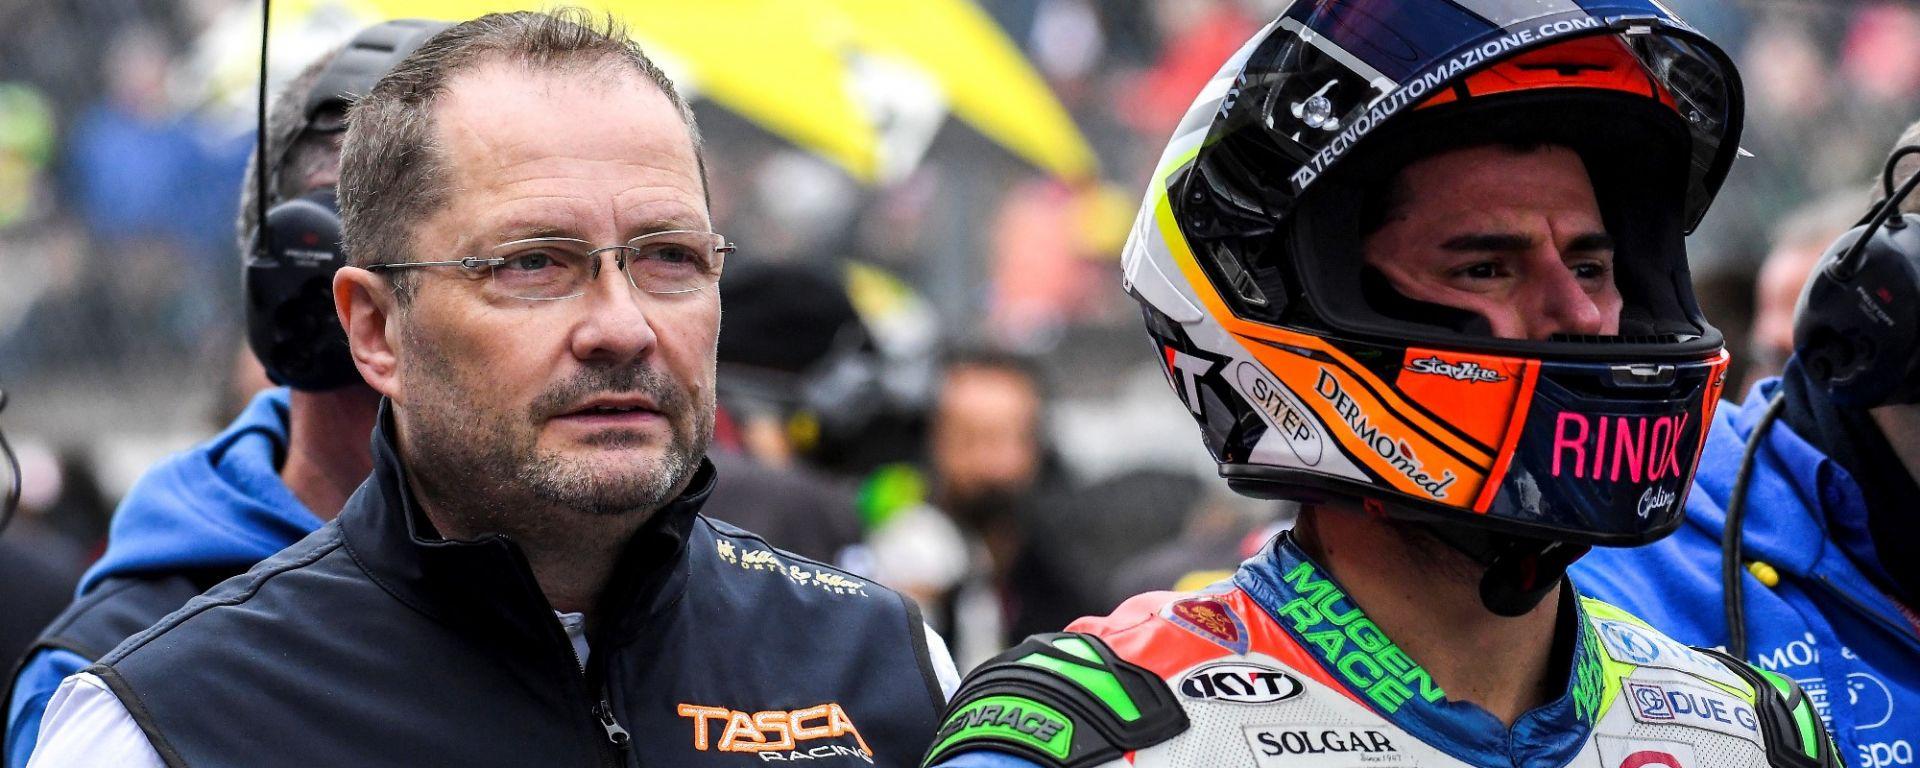 Moto2, Tasca Racing, Enrico Tasca e Simone Corsi